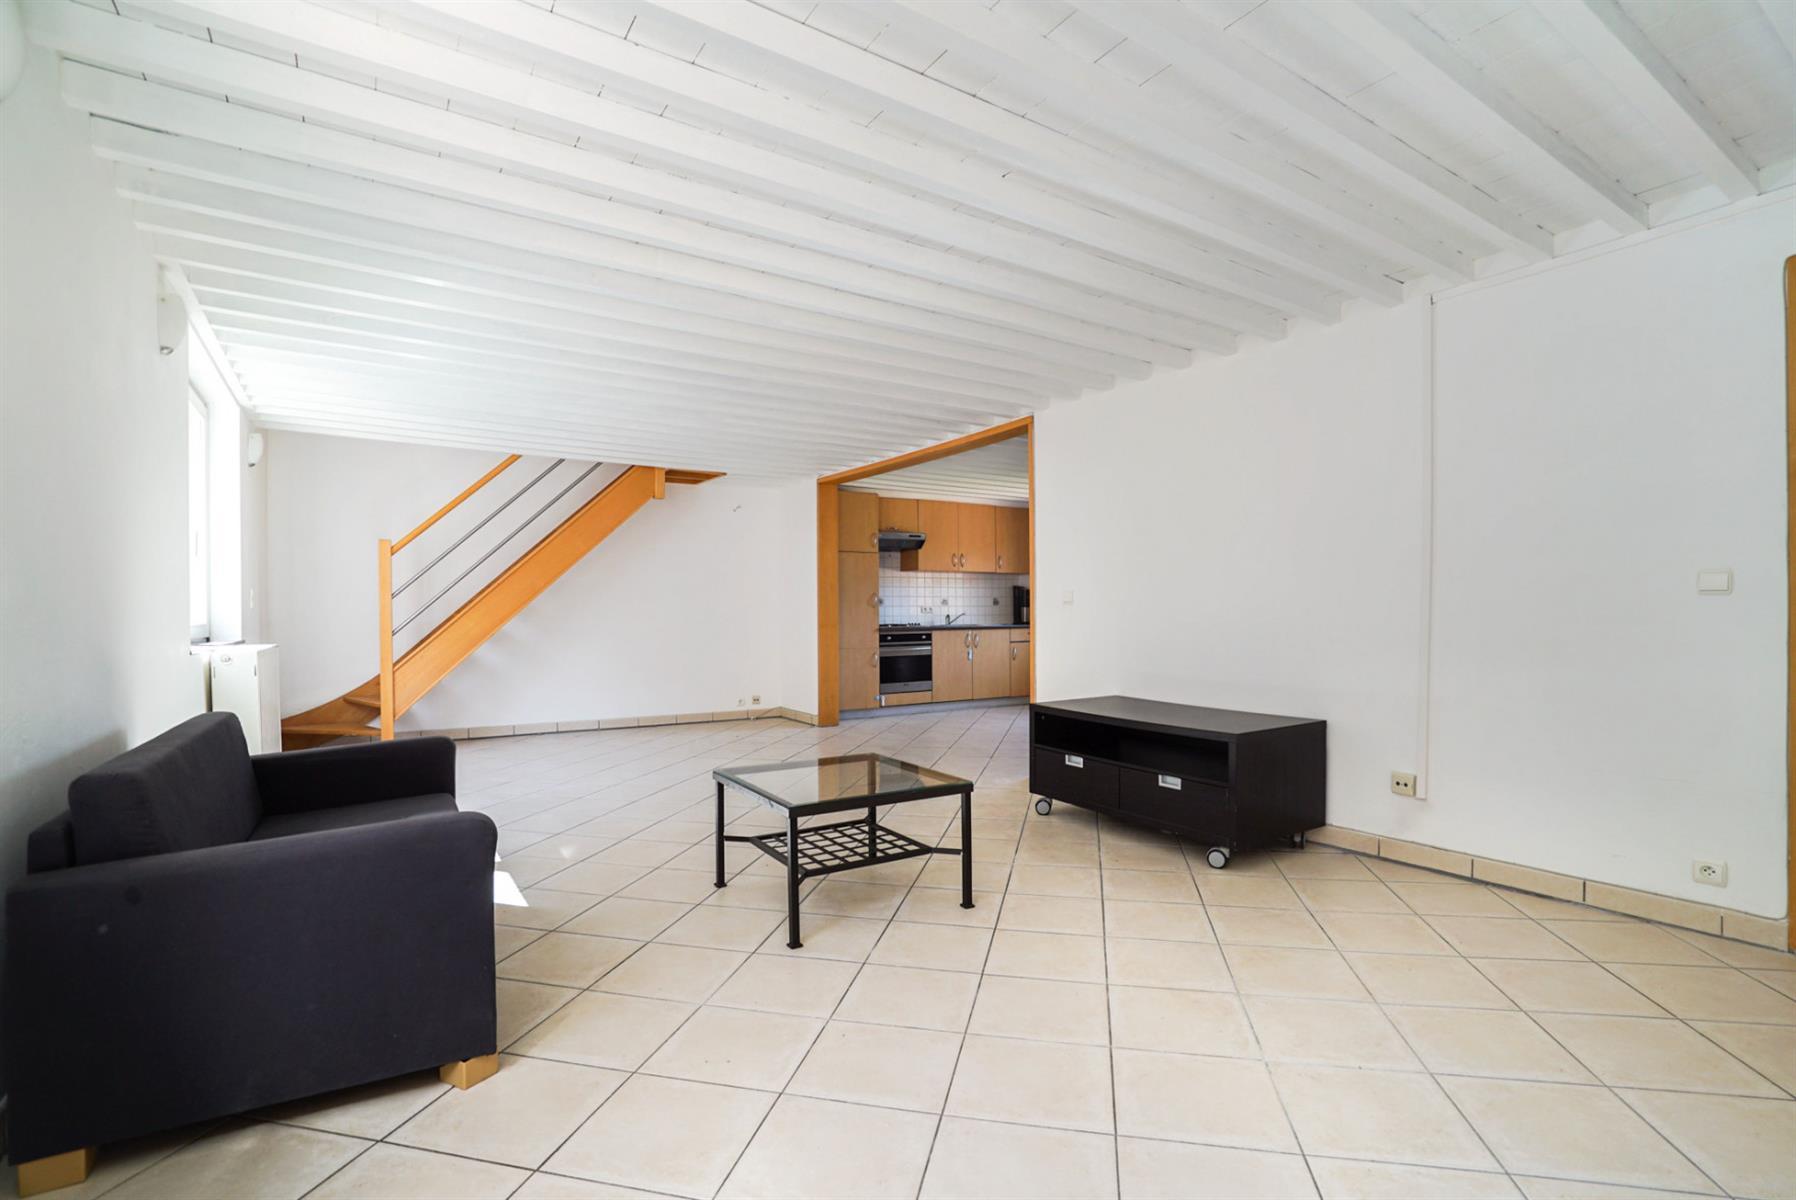 Duplex - Chaudfontaine Vaux-sous-Chèvremont - #4141991-1